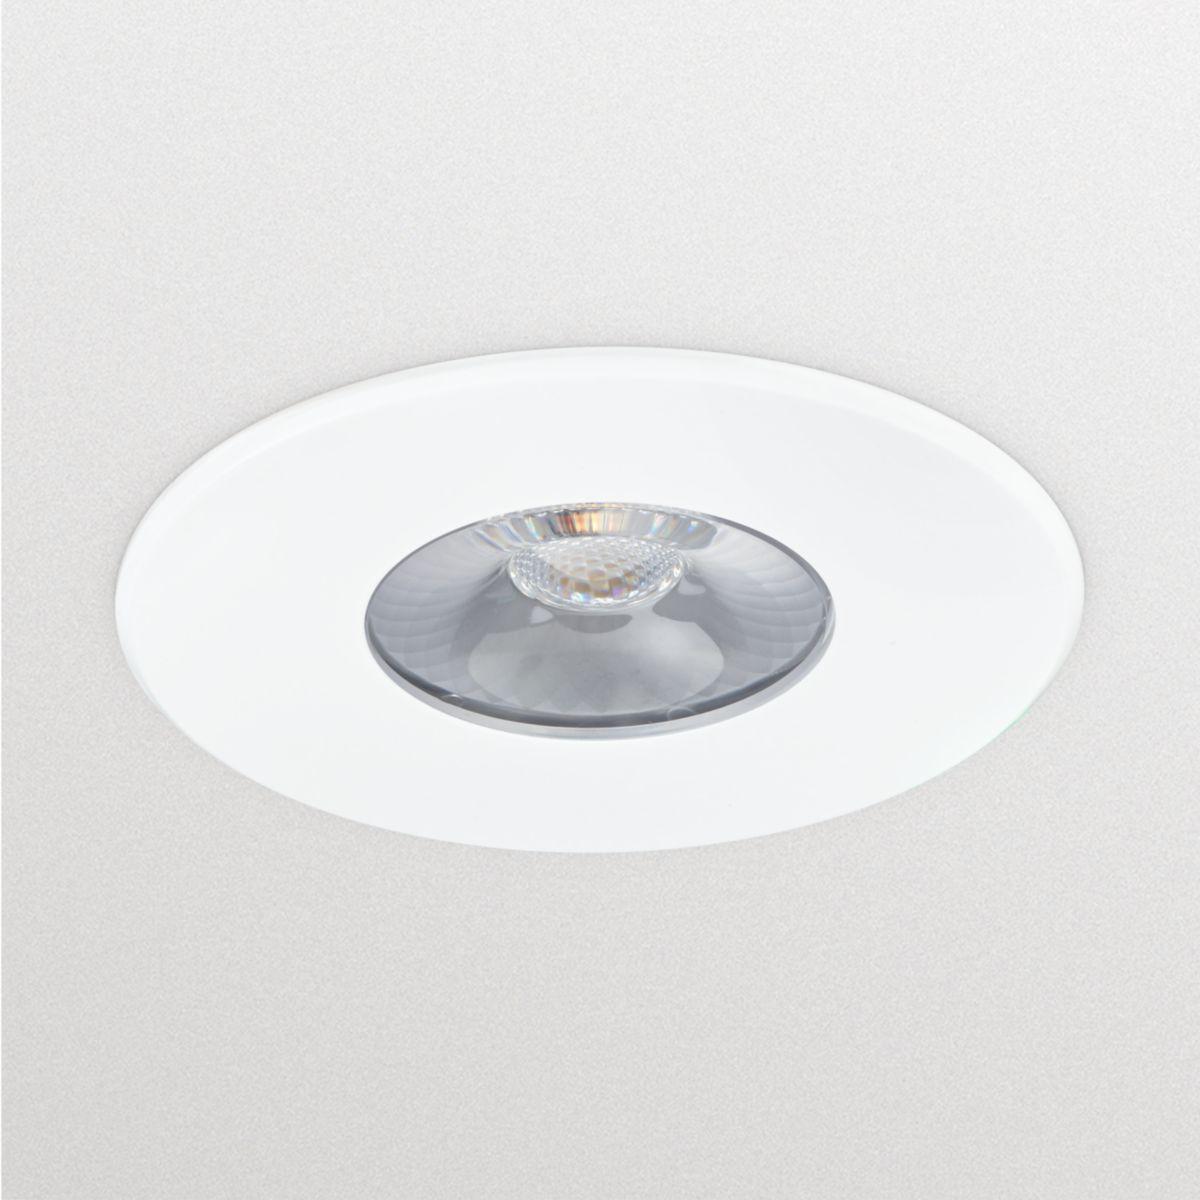 Belle CoreLine Recessed Spot Downlights - Philips EZ-08